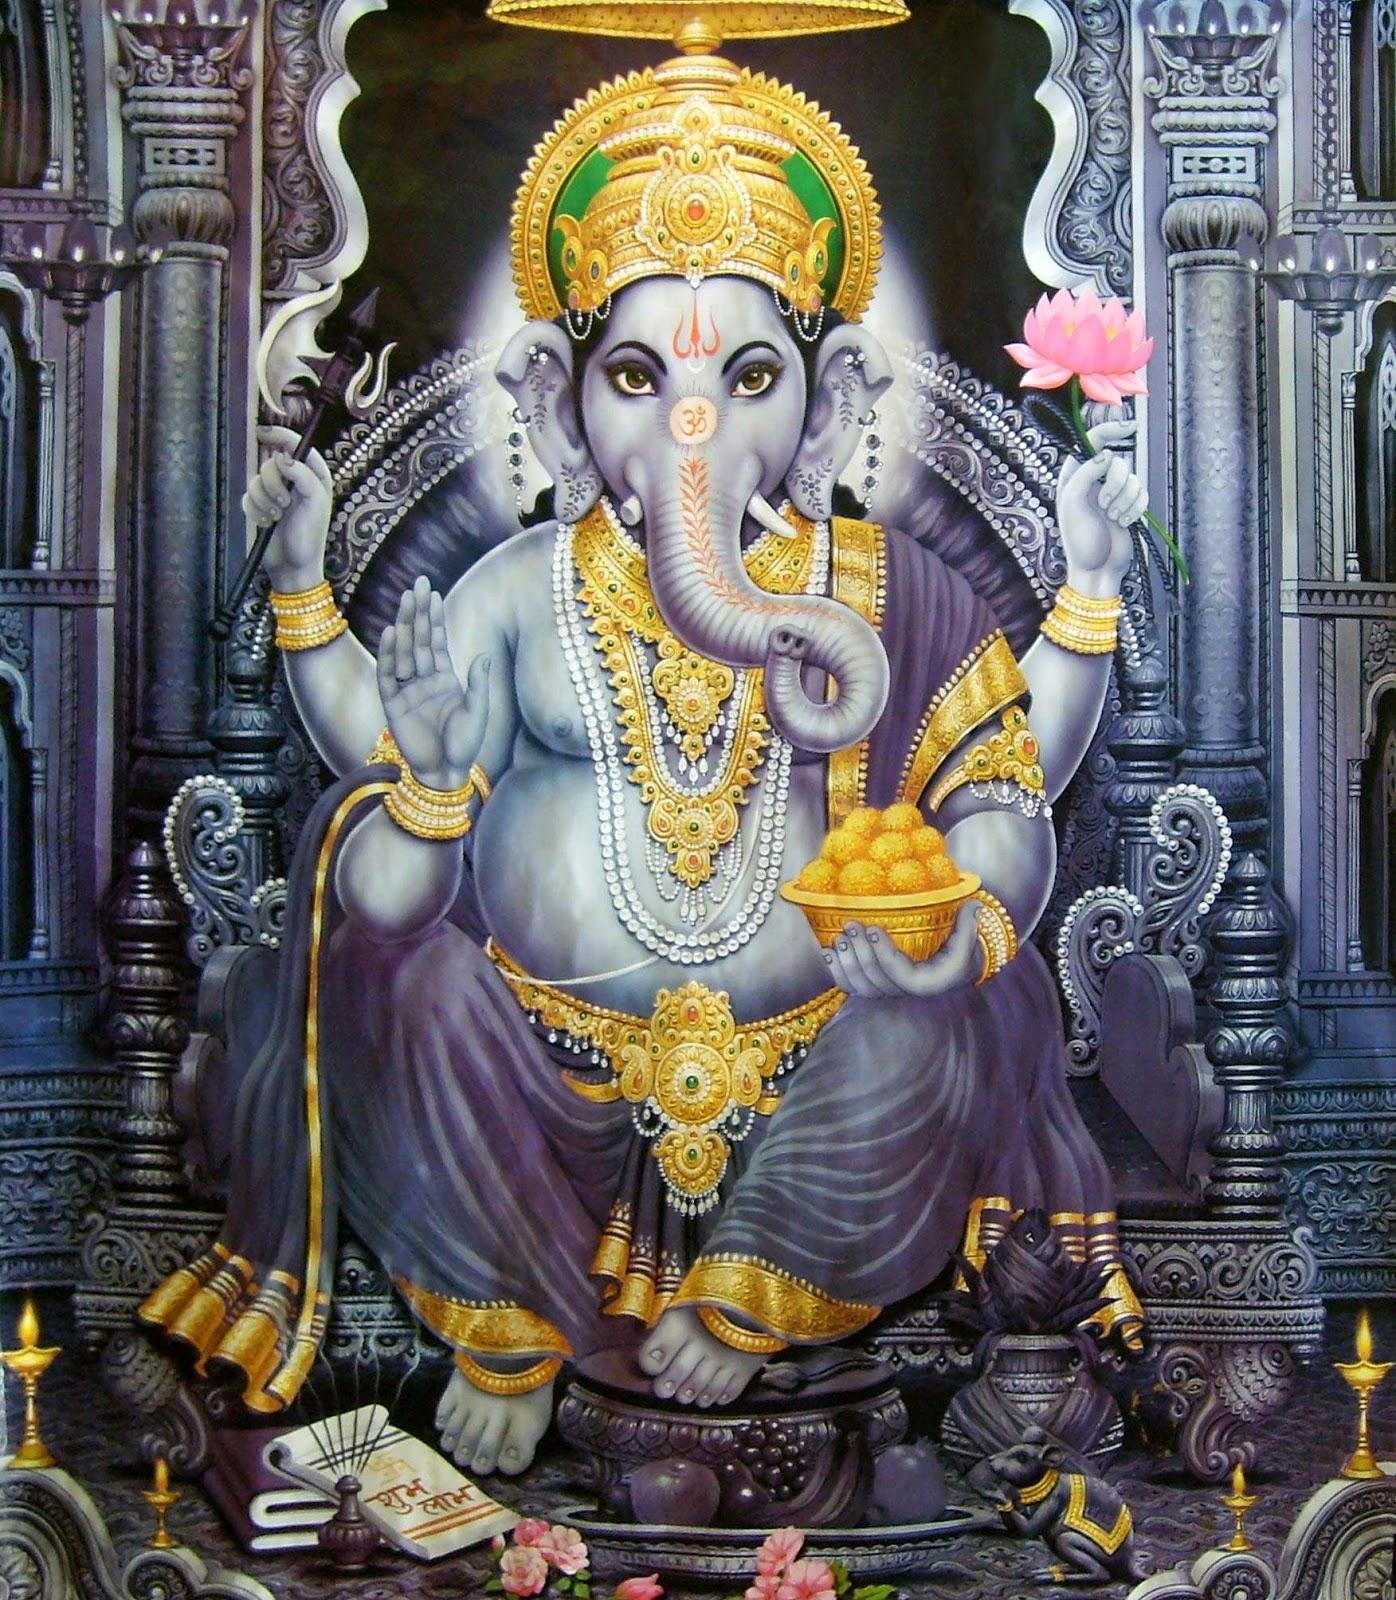 25 Best Ganesha Wallpapers - Series 2